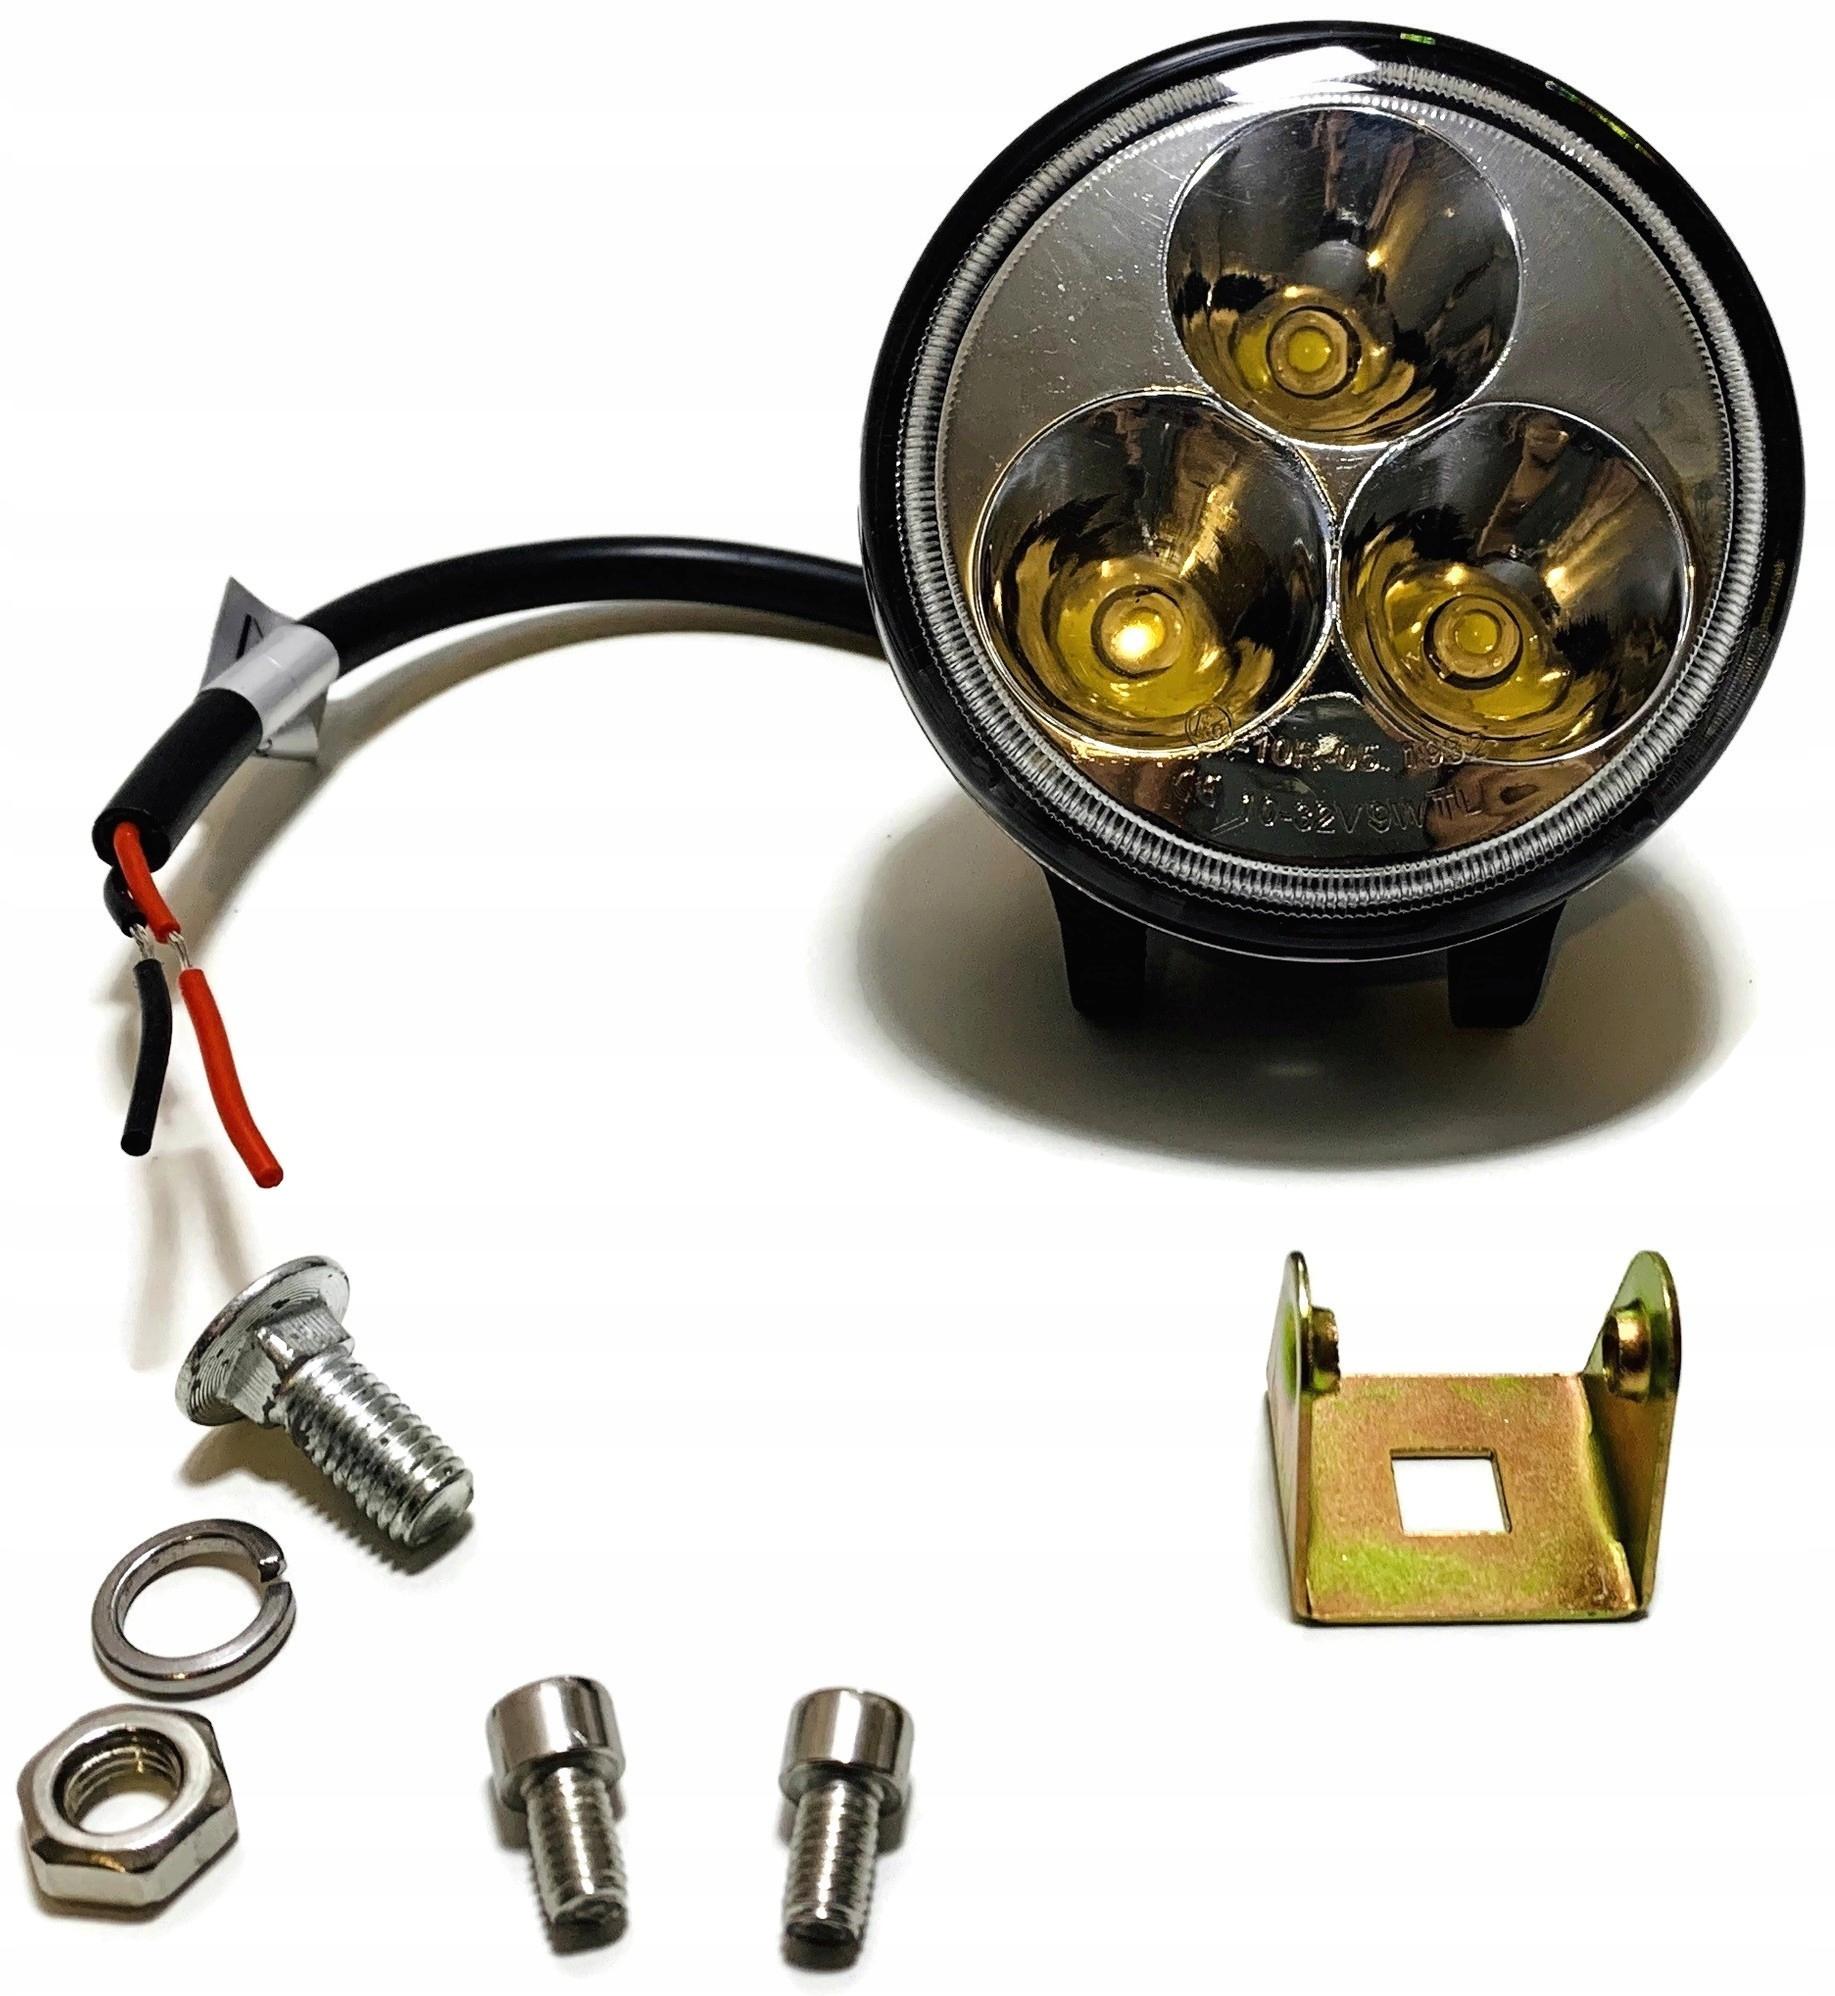 лампа многофункциональная 3 led маленькая прожектора 12v 24v